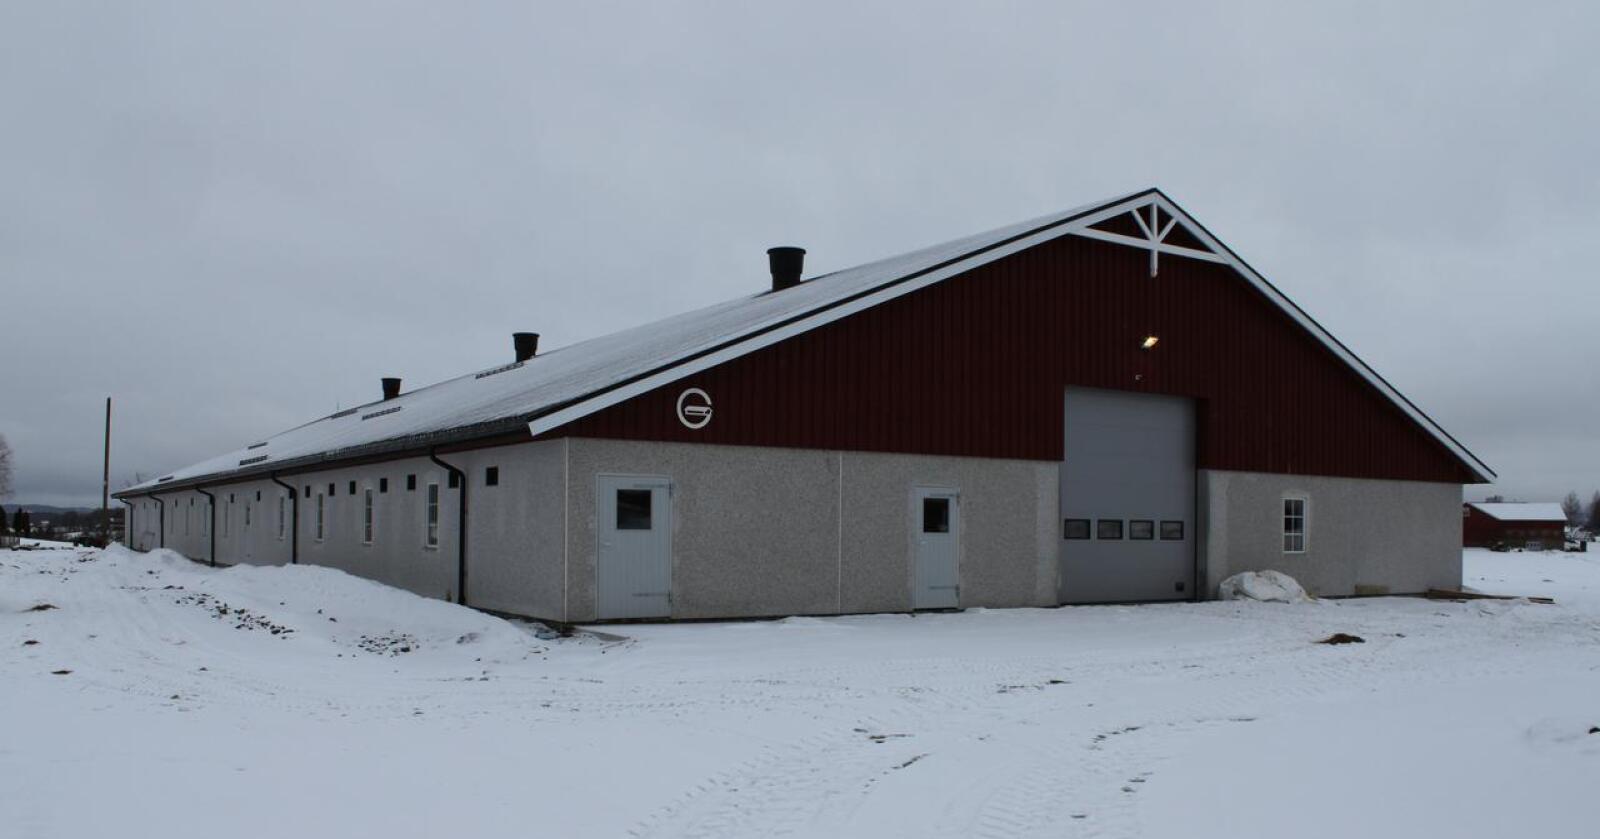 BYGGEPROSJEKTER: Gråkjær skal for tiden ha 12 pågående byggeprosjekter i Norge. Arkivfoto: Norsk Landbruk